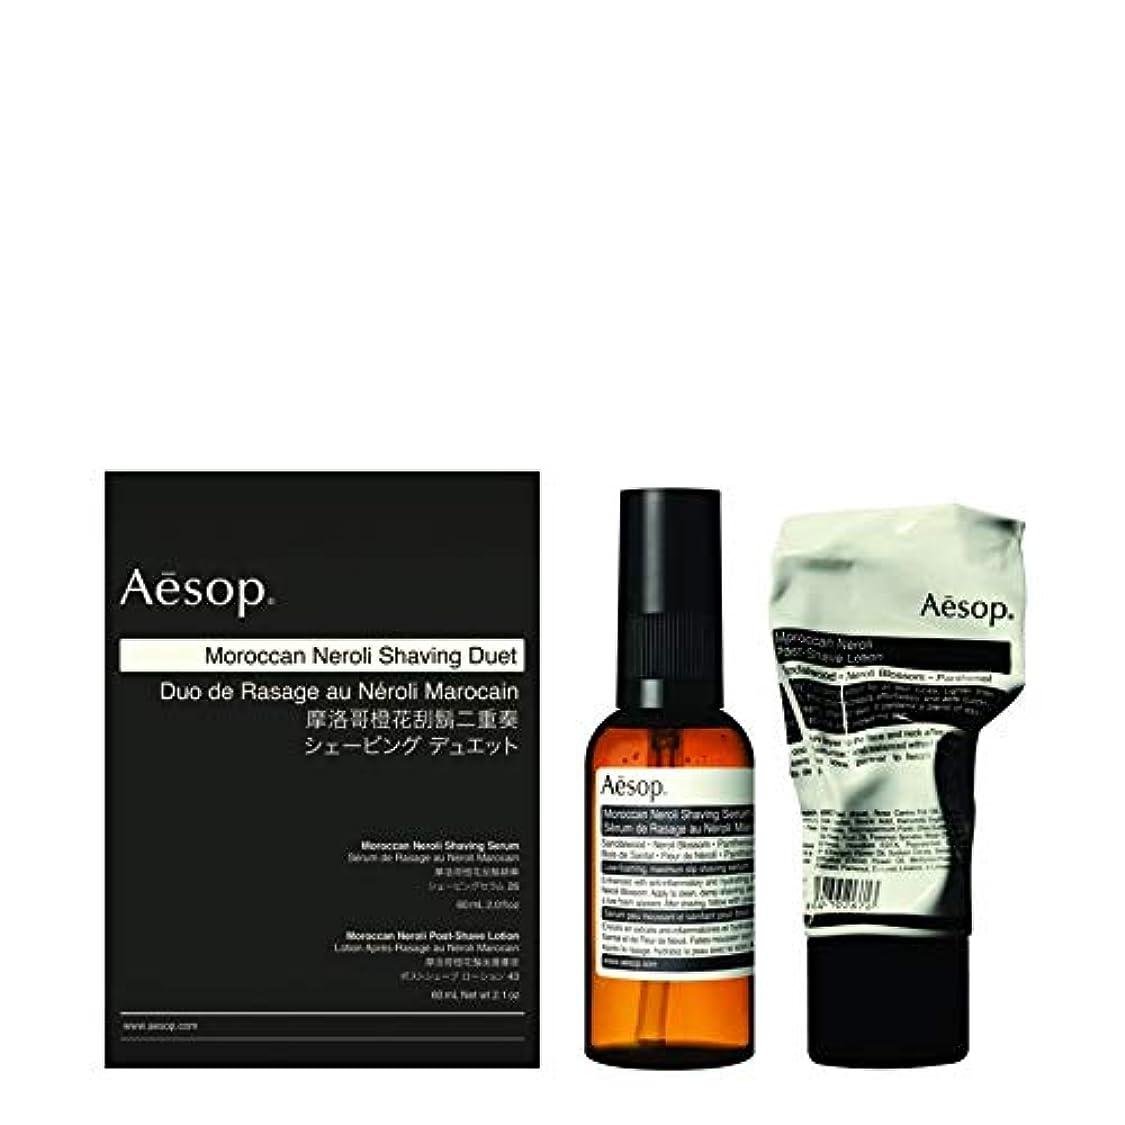 凍る落ちた粘液[Aesop] イソップモロッコネロリシェービングデュエット - Aesop Moroccan Neroli Shaving Duet [並行輸入品]